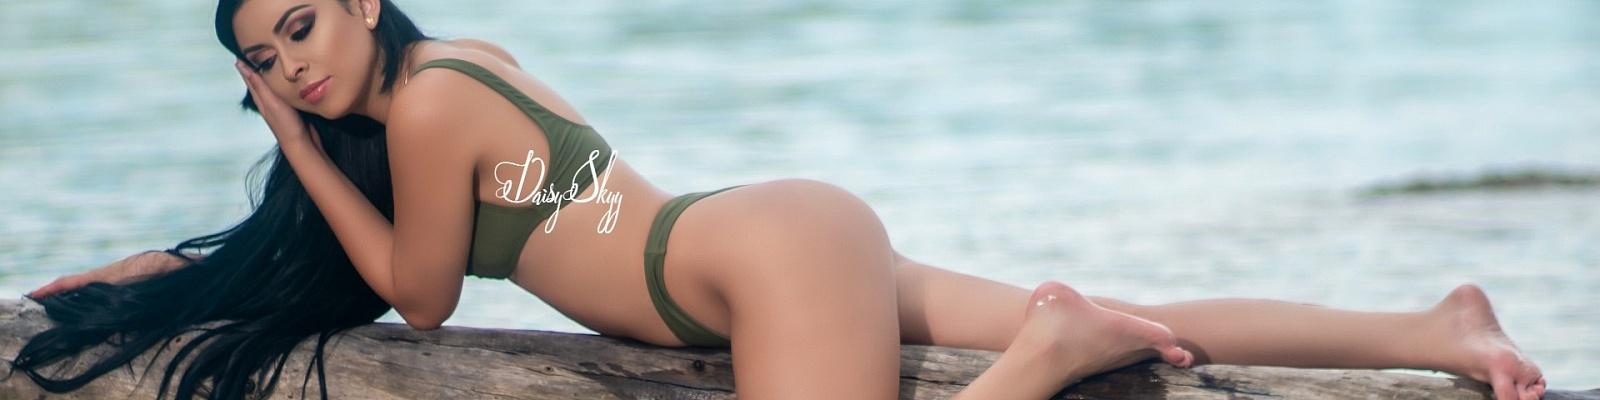 Daisy Skyy's Cover Photo